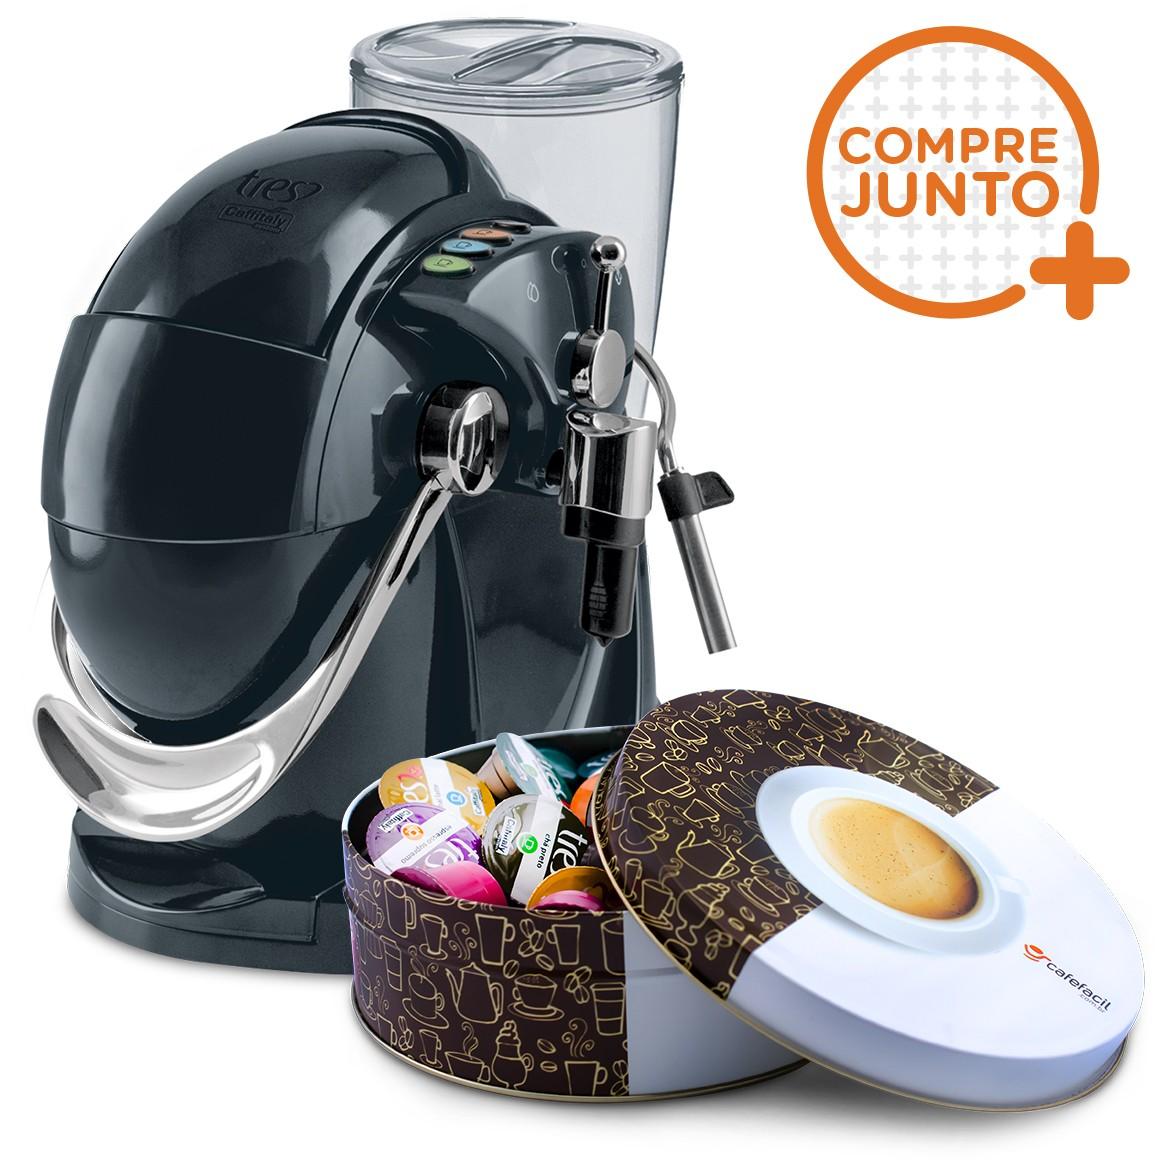 Cafeteira Expresso Três Corações Gesto Preta 110v + Lata Café Fácil com 36 Cápsulas Três Corações